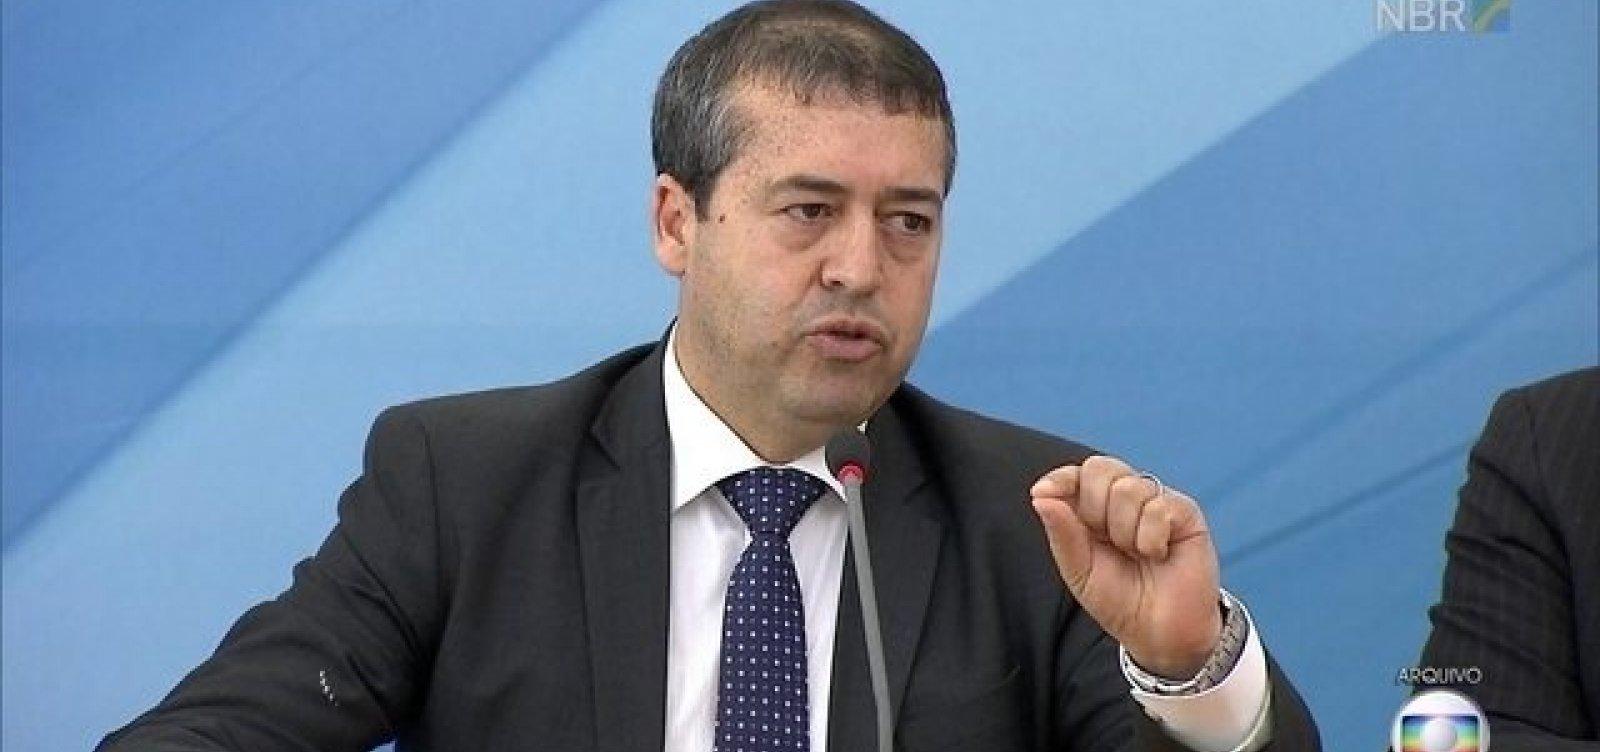 [Alvo da PF, Ronaldo Nogueira é exonerado da presidência da Funasa]